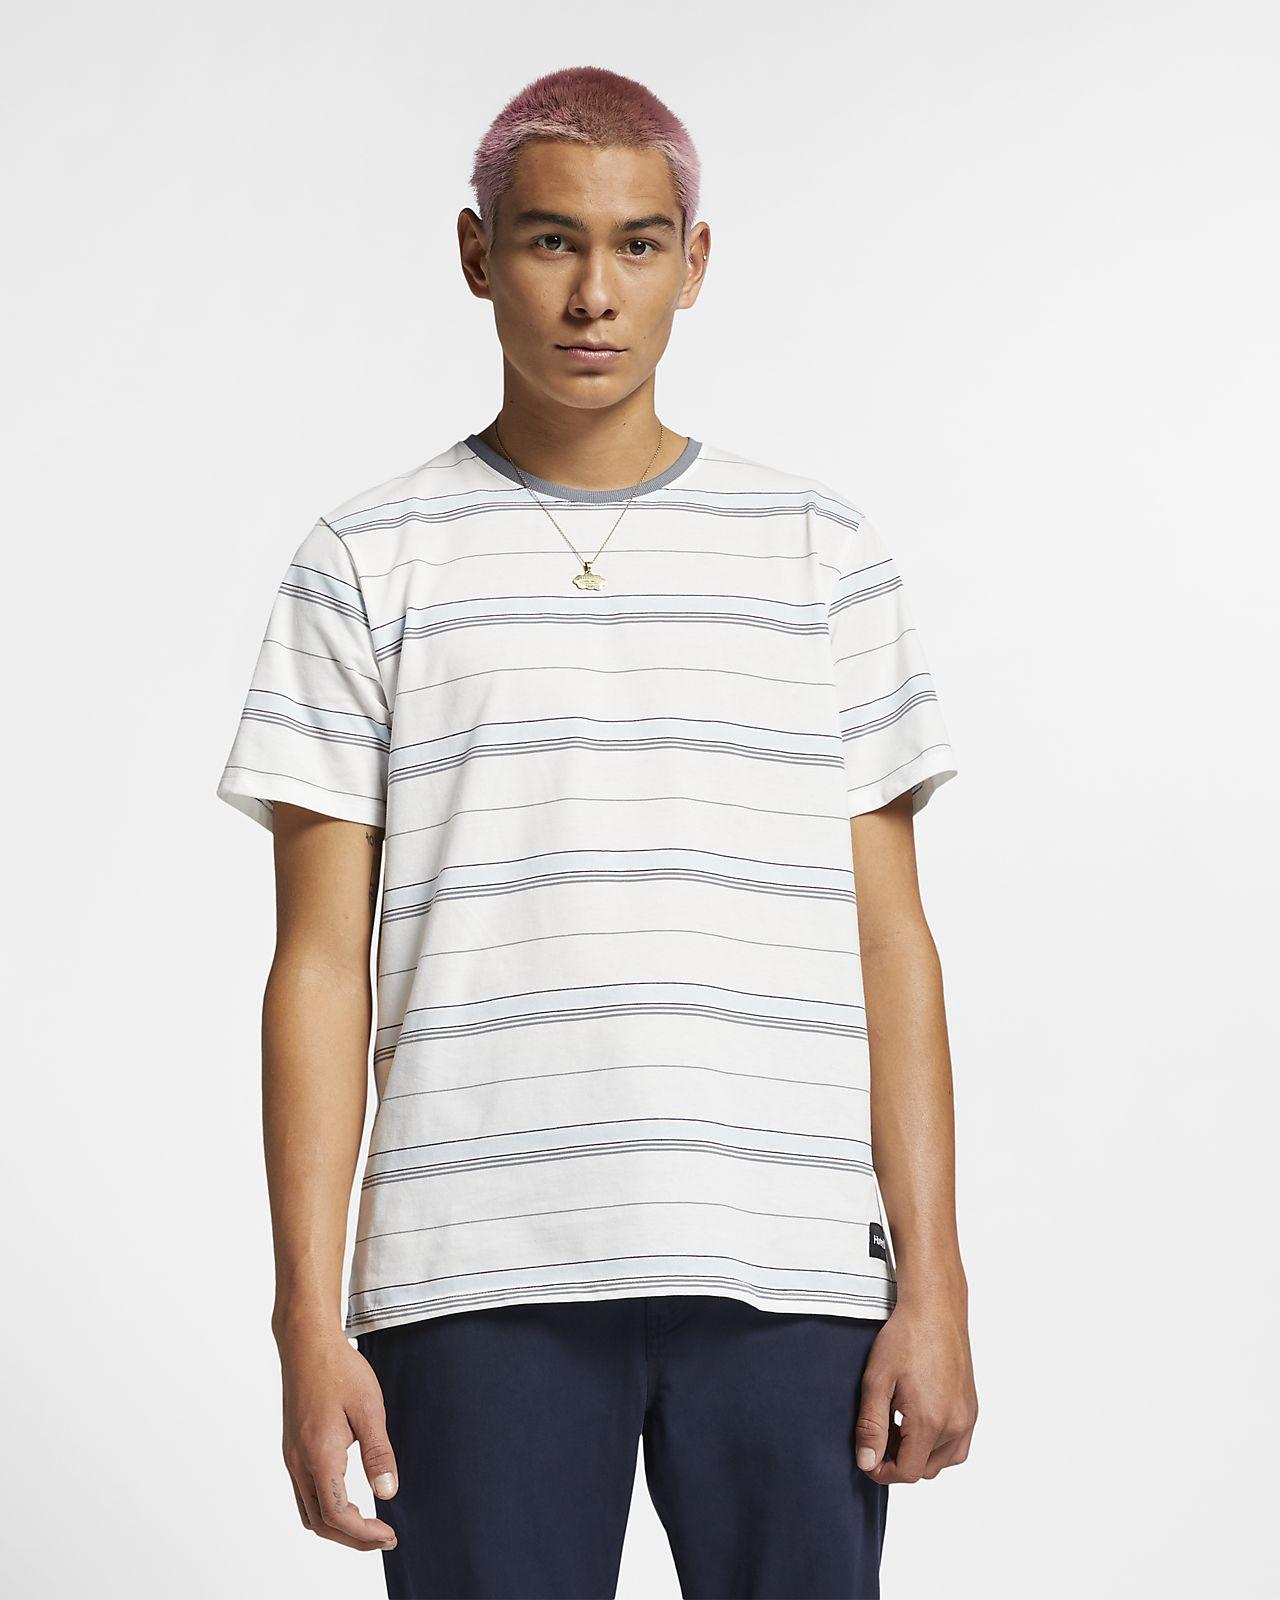 Pánské pruhované tričko Hurley Dri-FIT Harvey